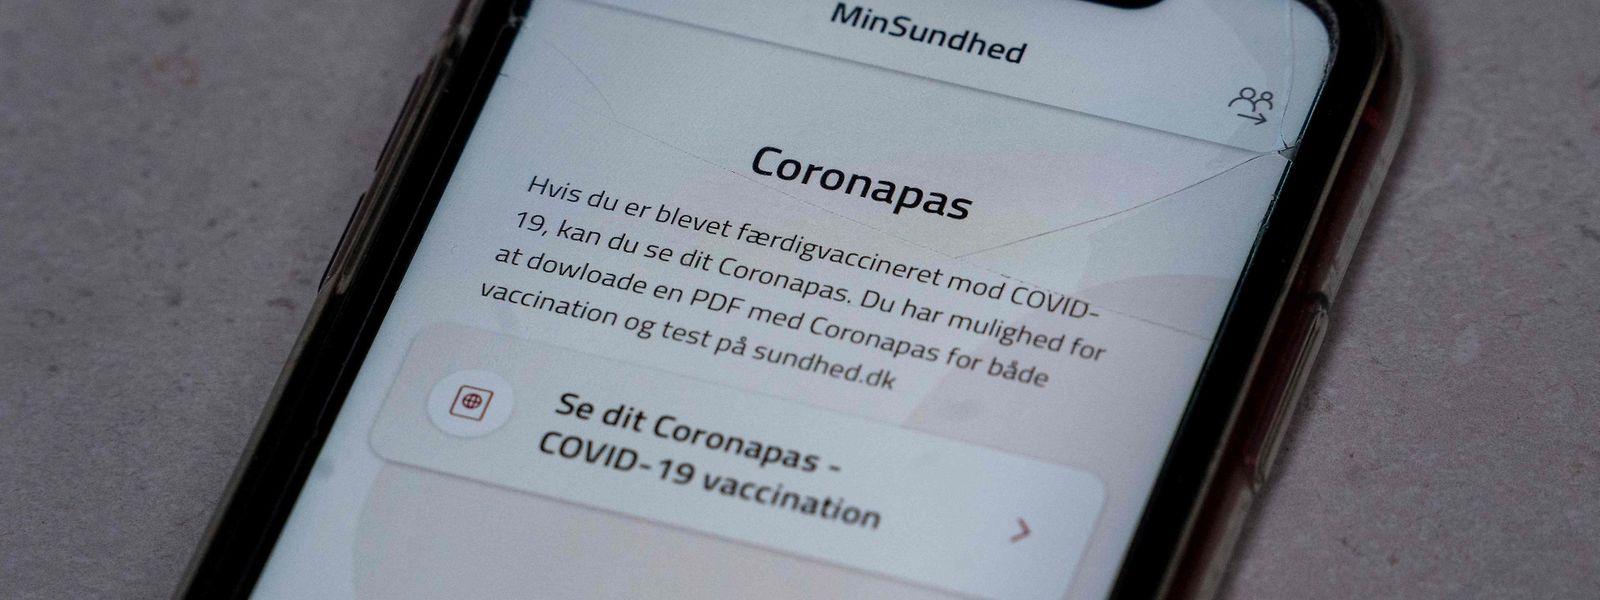 Certains pays d'Europe - comme le Danemark - ont d'ores et déjà mis en place un tel système pour faciliter les déplacements des voyageurs.